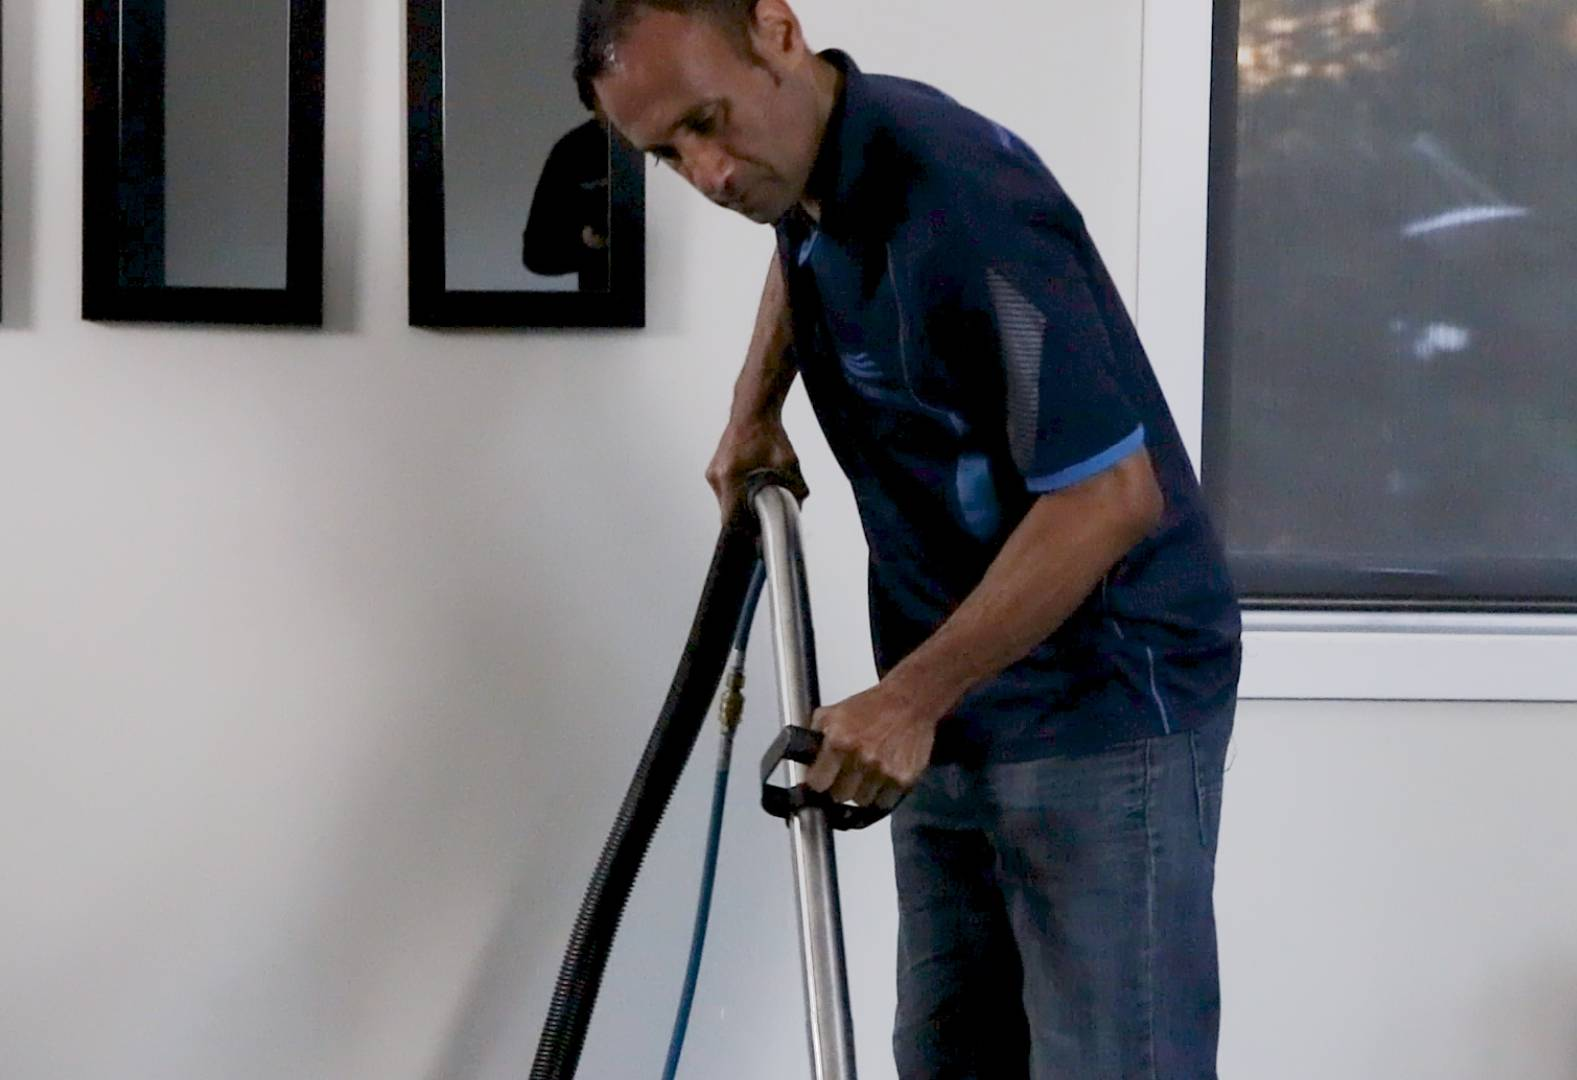 Napier Carpet Cleaning Services